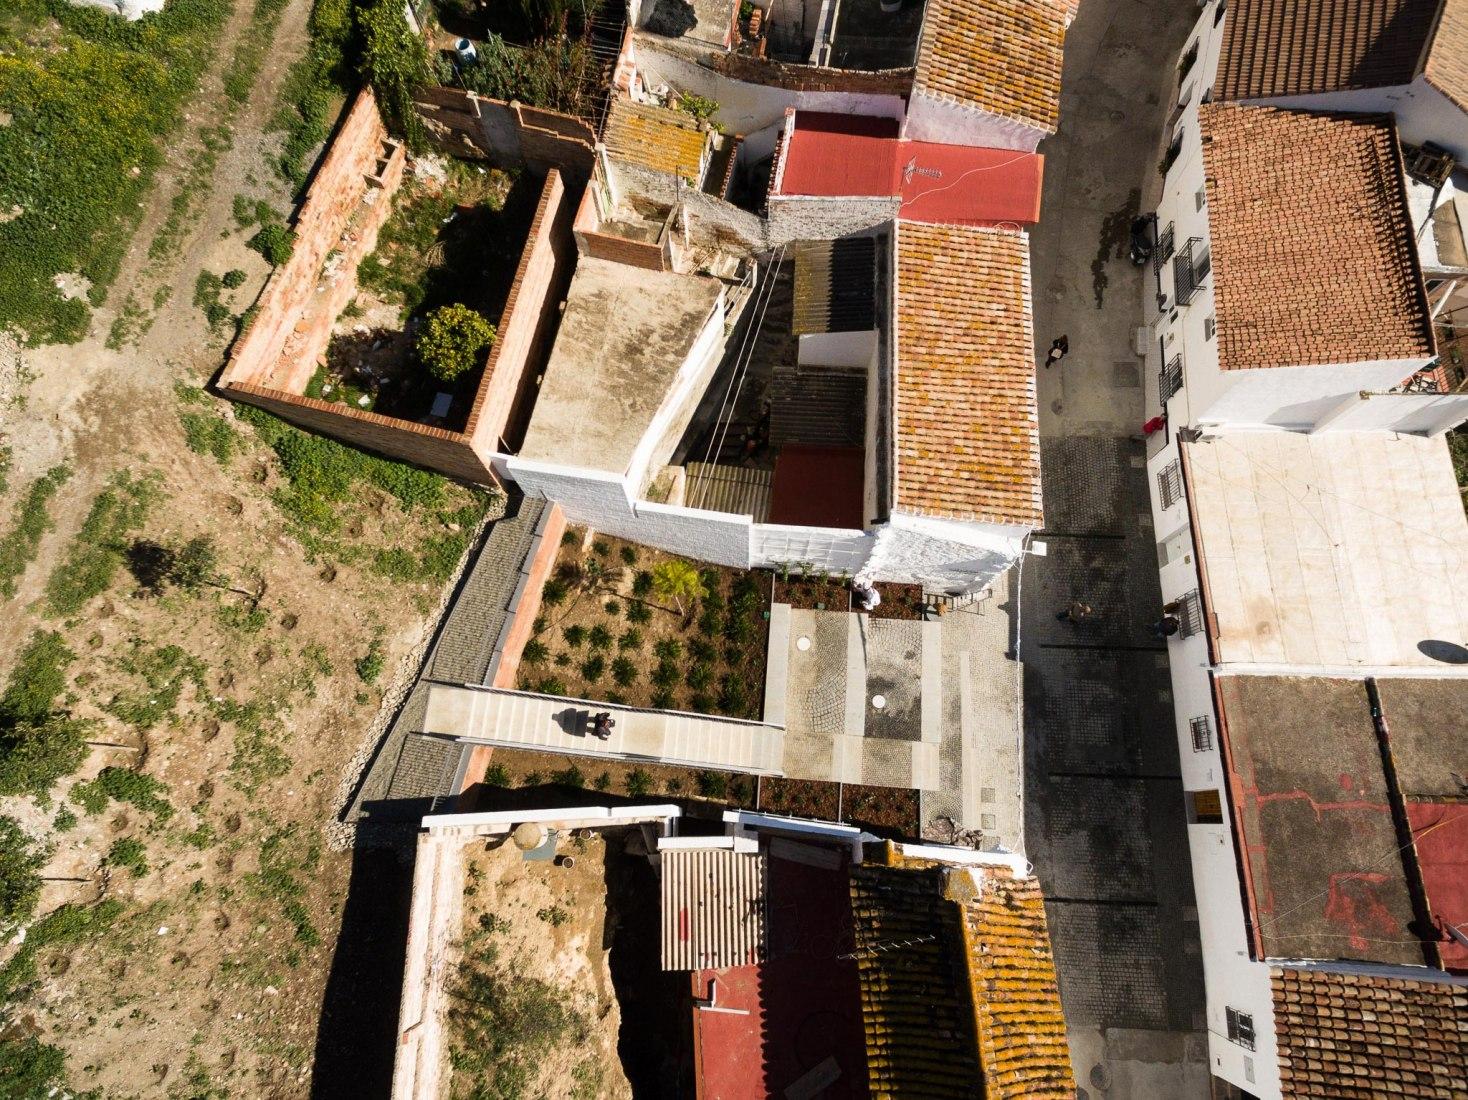 Vista aerea. Compás de las Ánimas y del Nazareno por WaterScales arquitectos. Fotografía © Fernando Alda